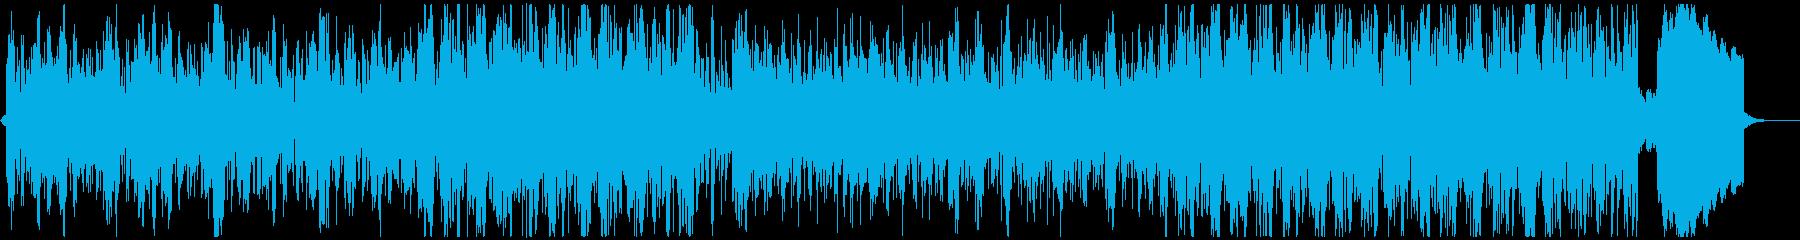 和風なのにオシャレなスムースジャズ_−1の再生済みの波形